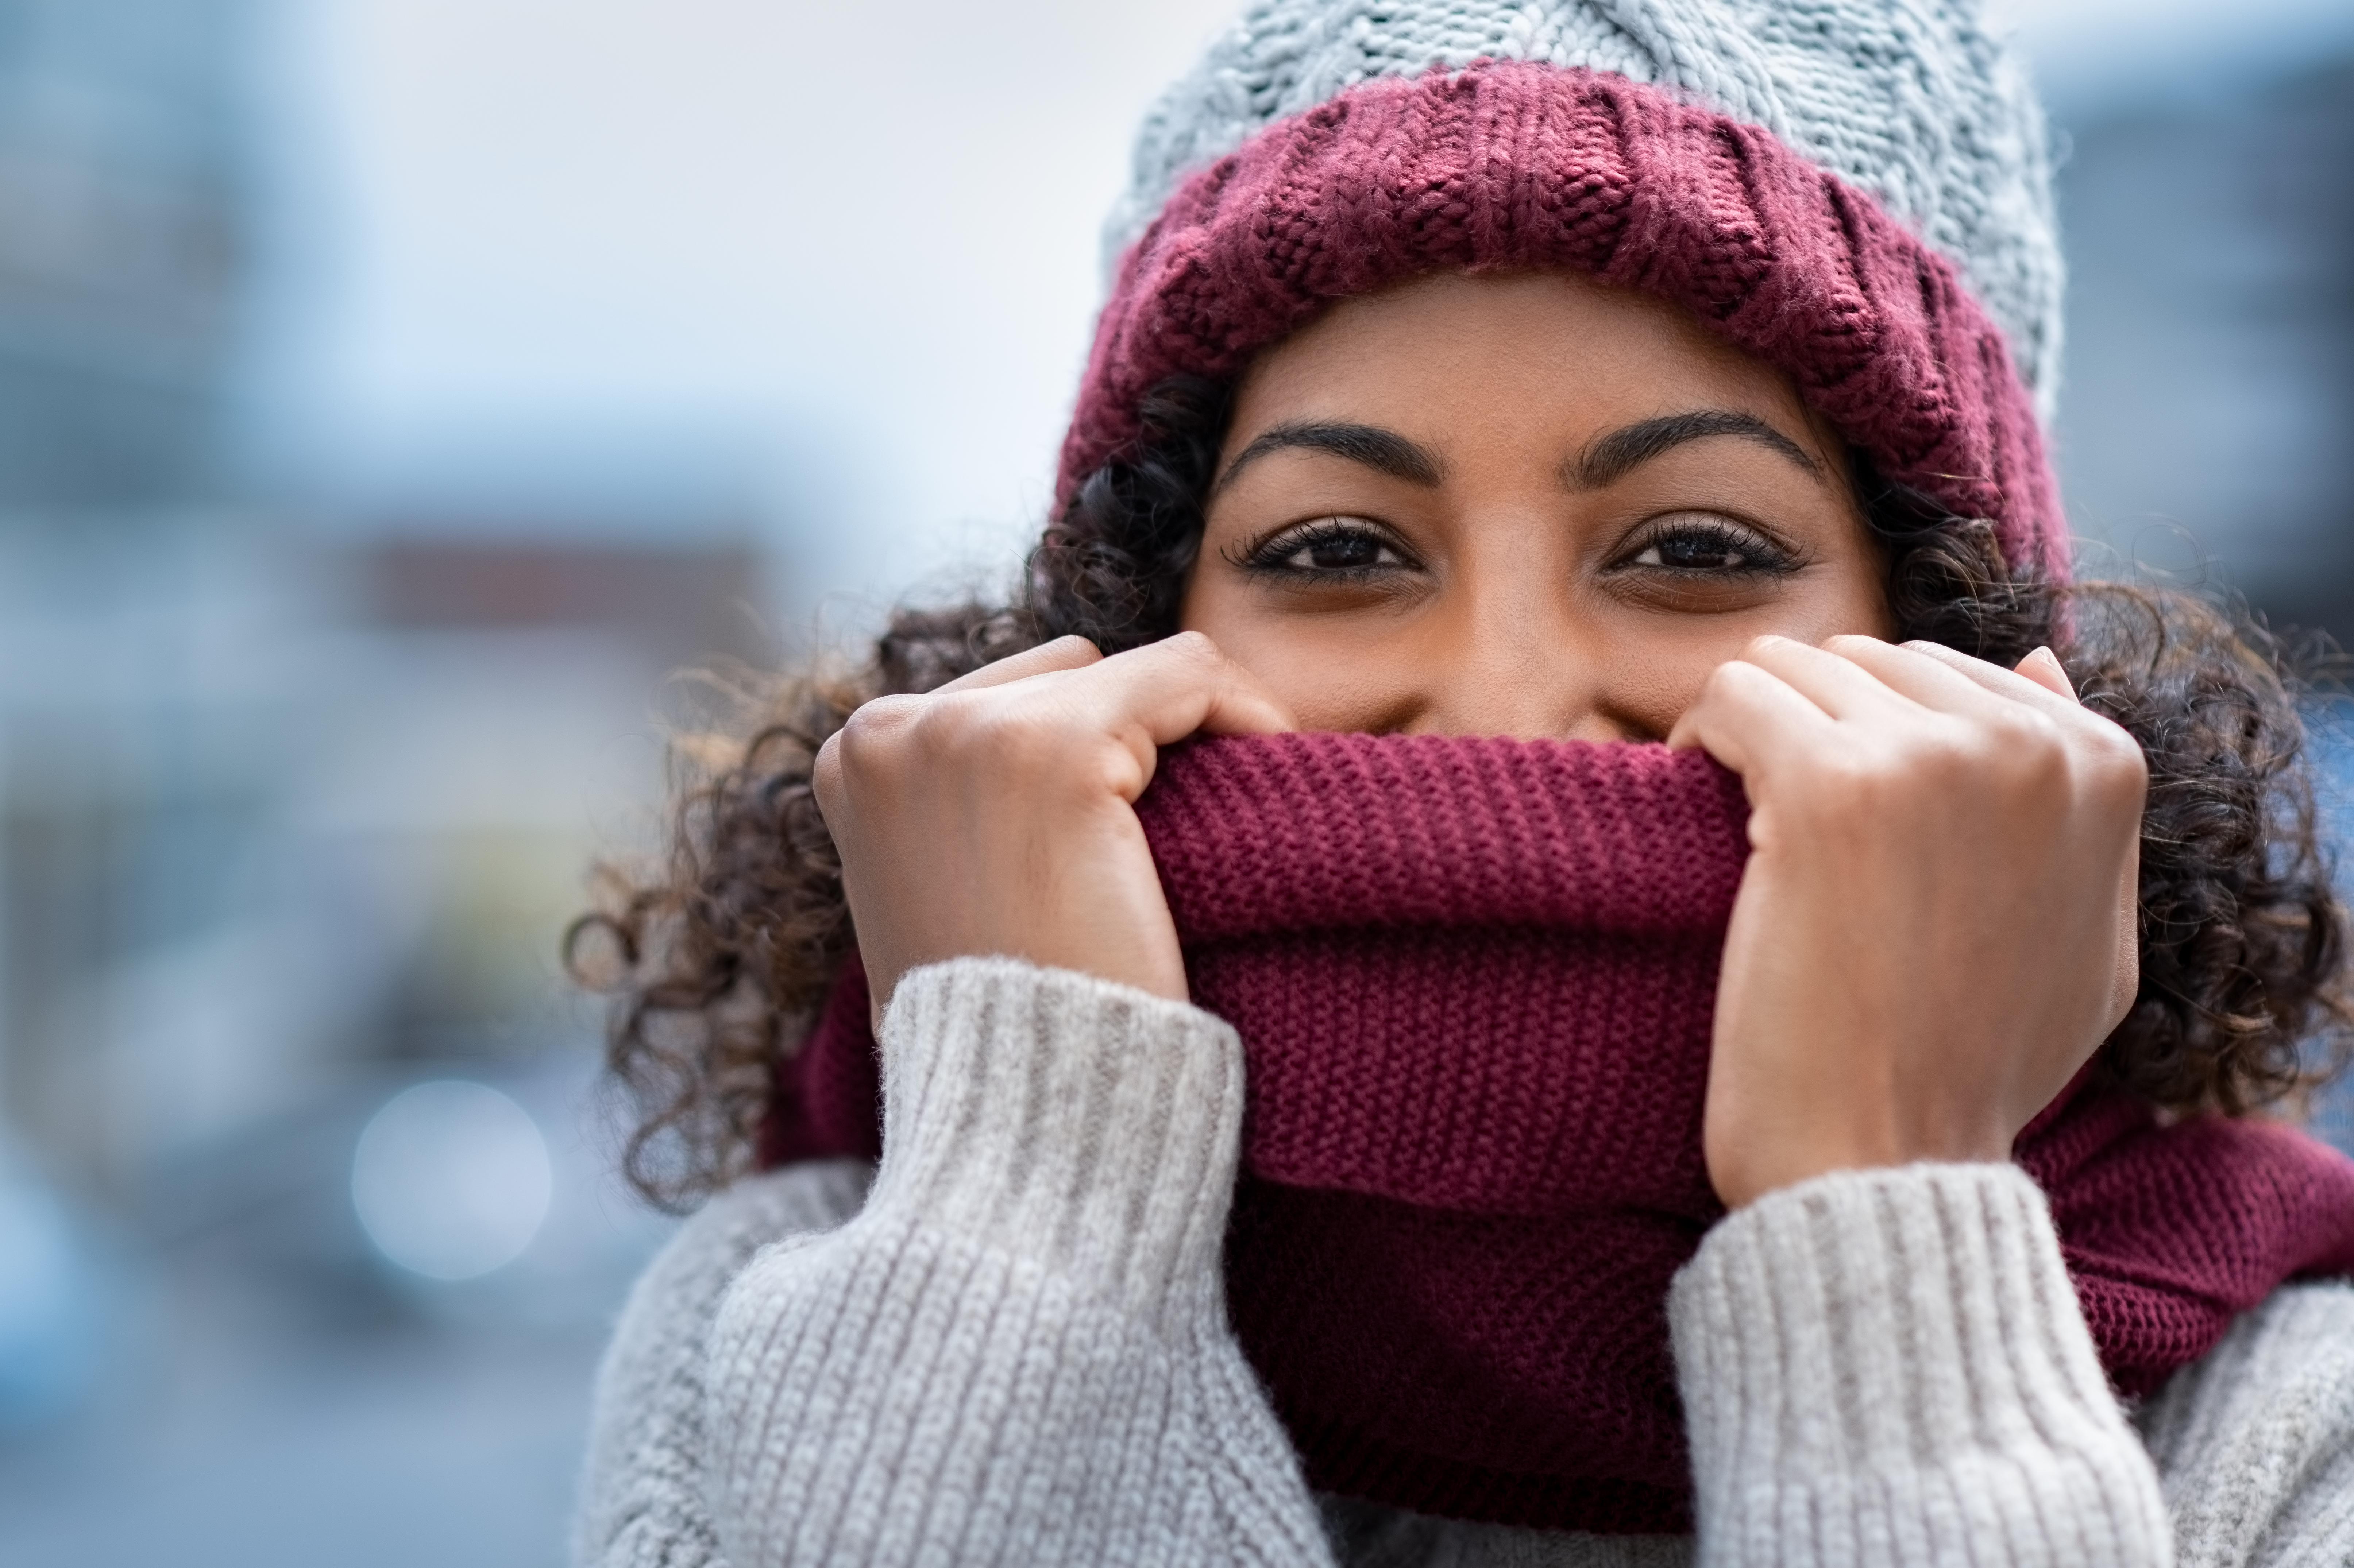 <p><strong>РАК</strong><br /> Емоциите ви са интензивни, както обикновено. Но този път трябва да изгоните драмата. Да, може да плачете отвътре, но се опитайте да запазите спокойствие пред другите.</p>